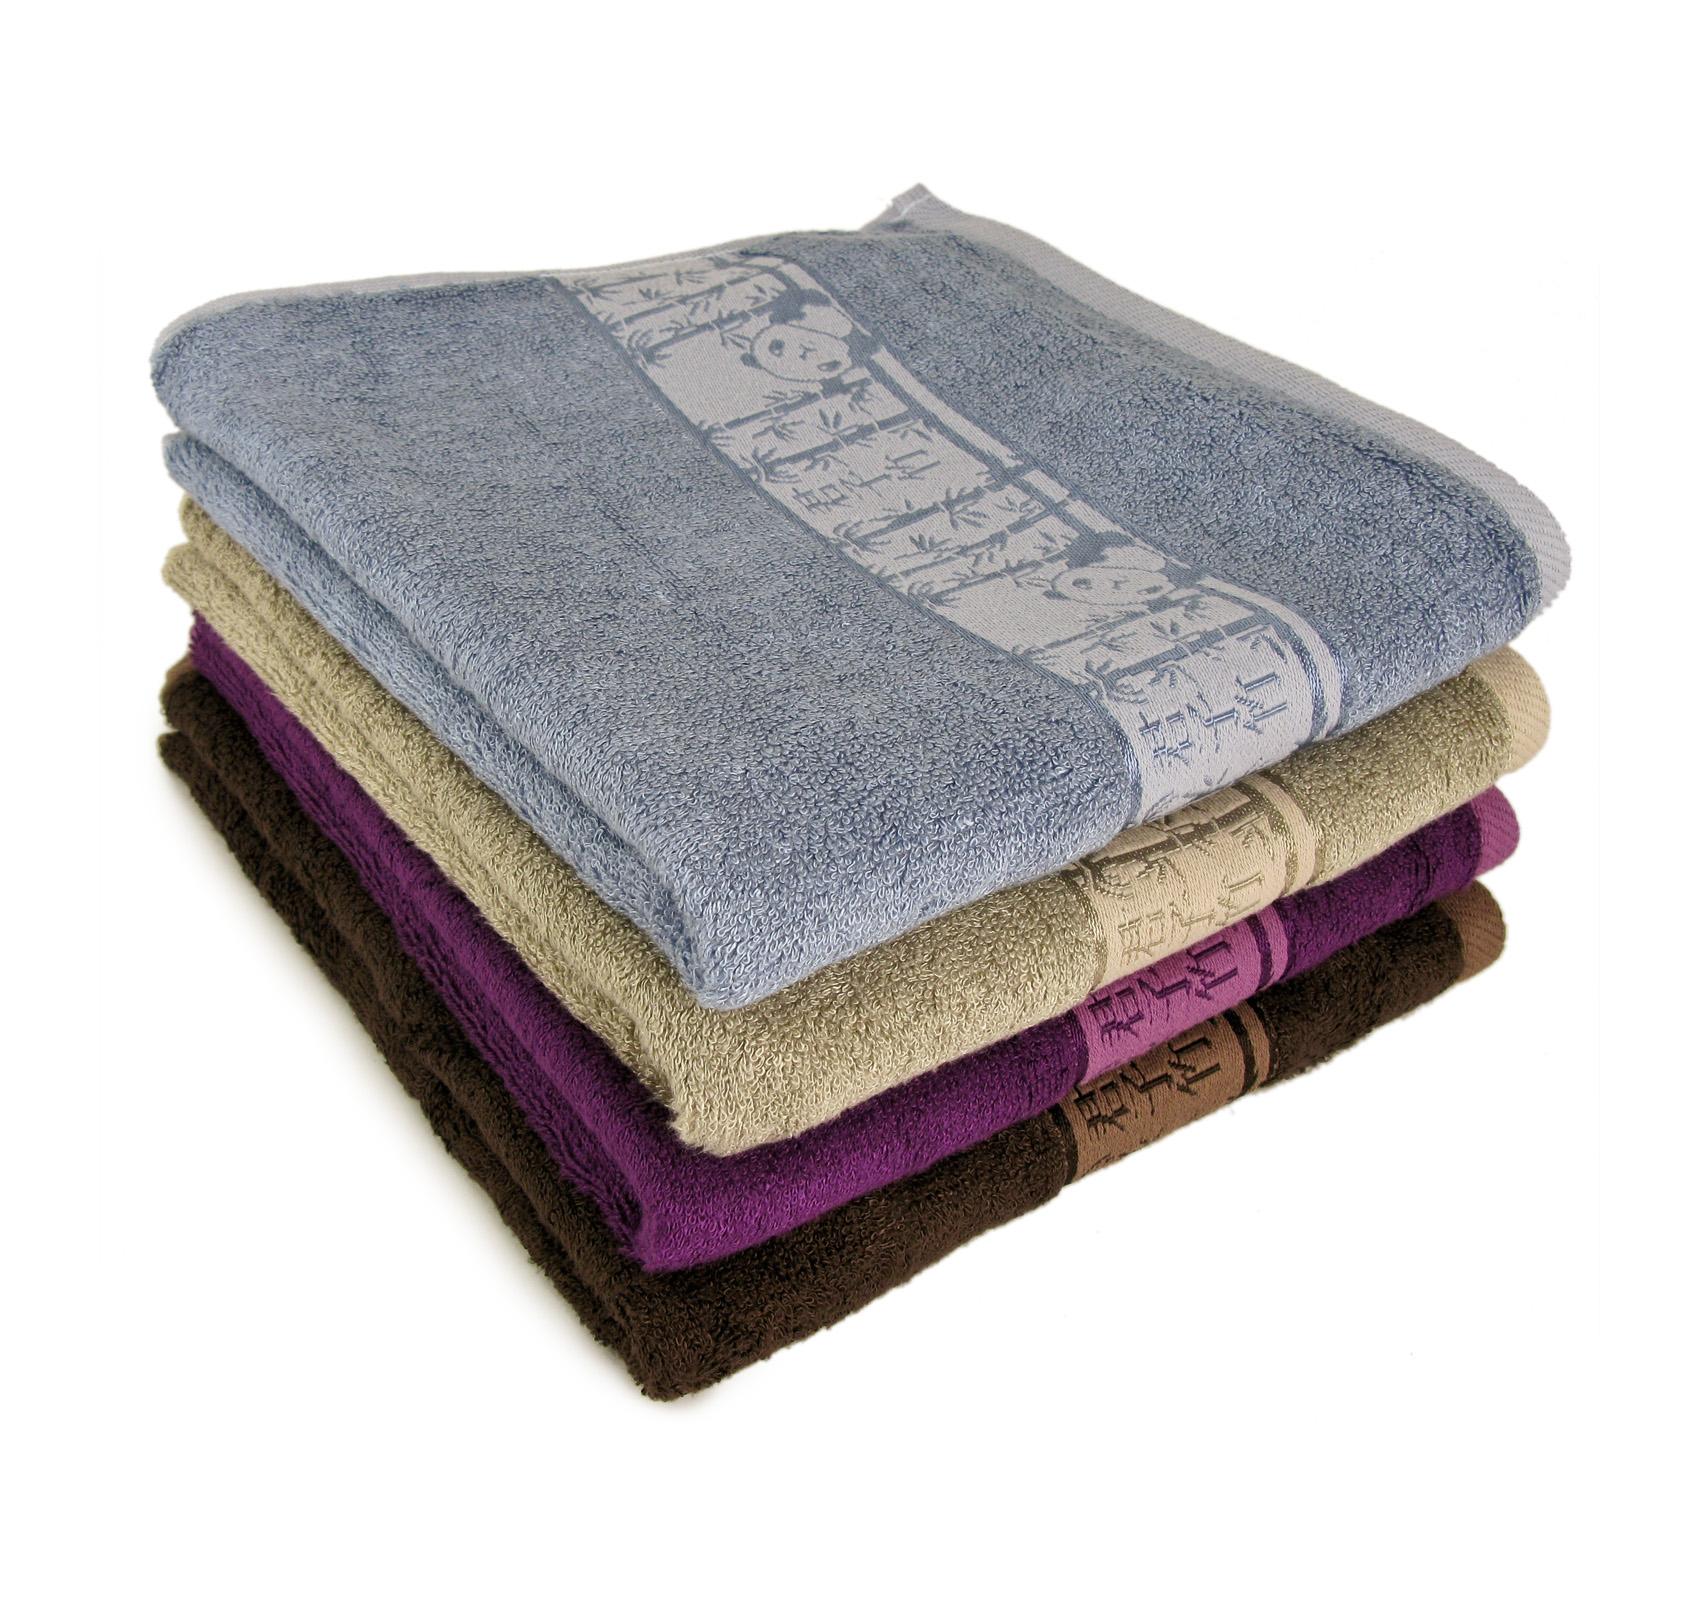 Полотенце Панды Бамбук, цвет Коричневый, размер 50х90 смМахровые полотенца<br>Плотность ткани:480 г/кв. м.<br><br>Тип: Полотенце<br>Размер: 50х90<br>Материал: Махра